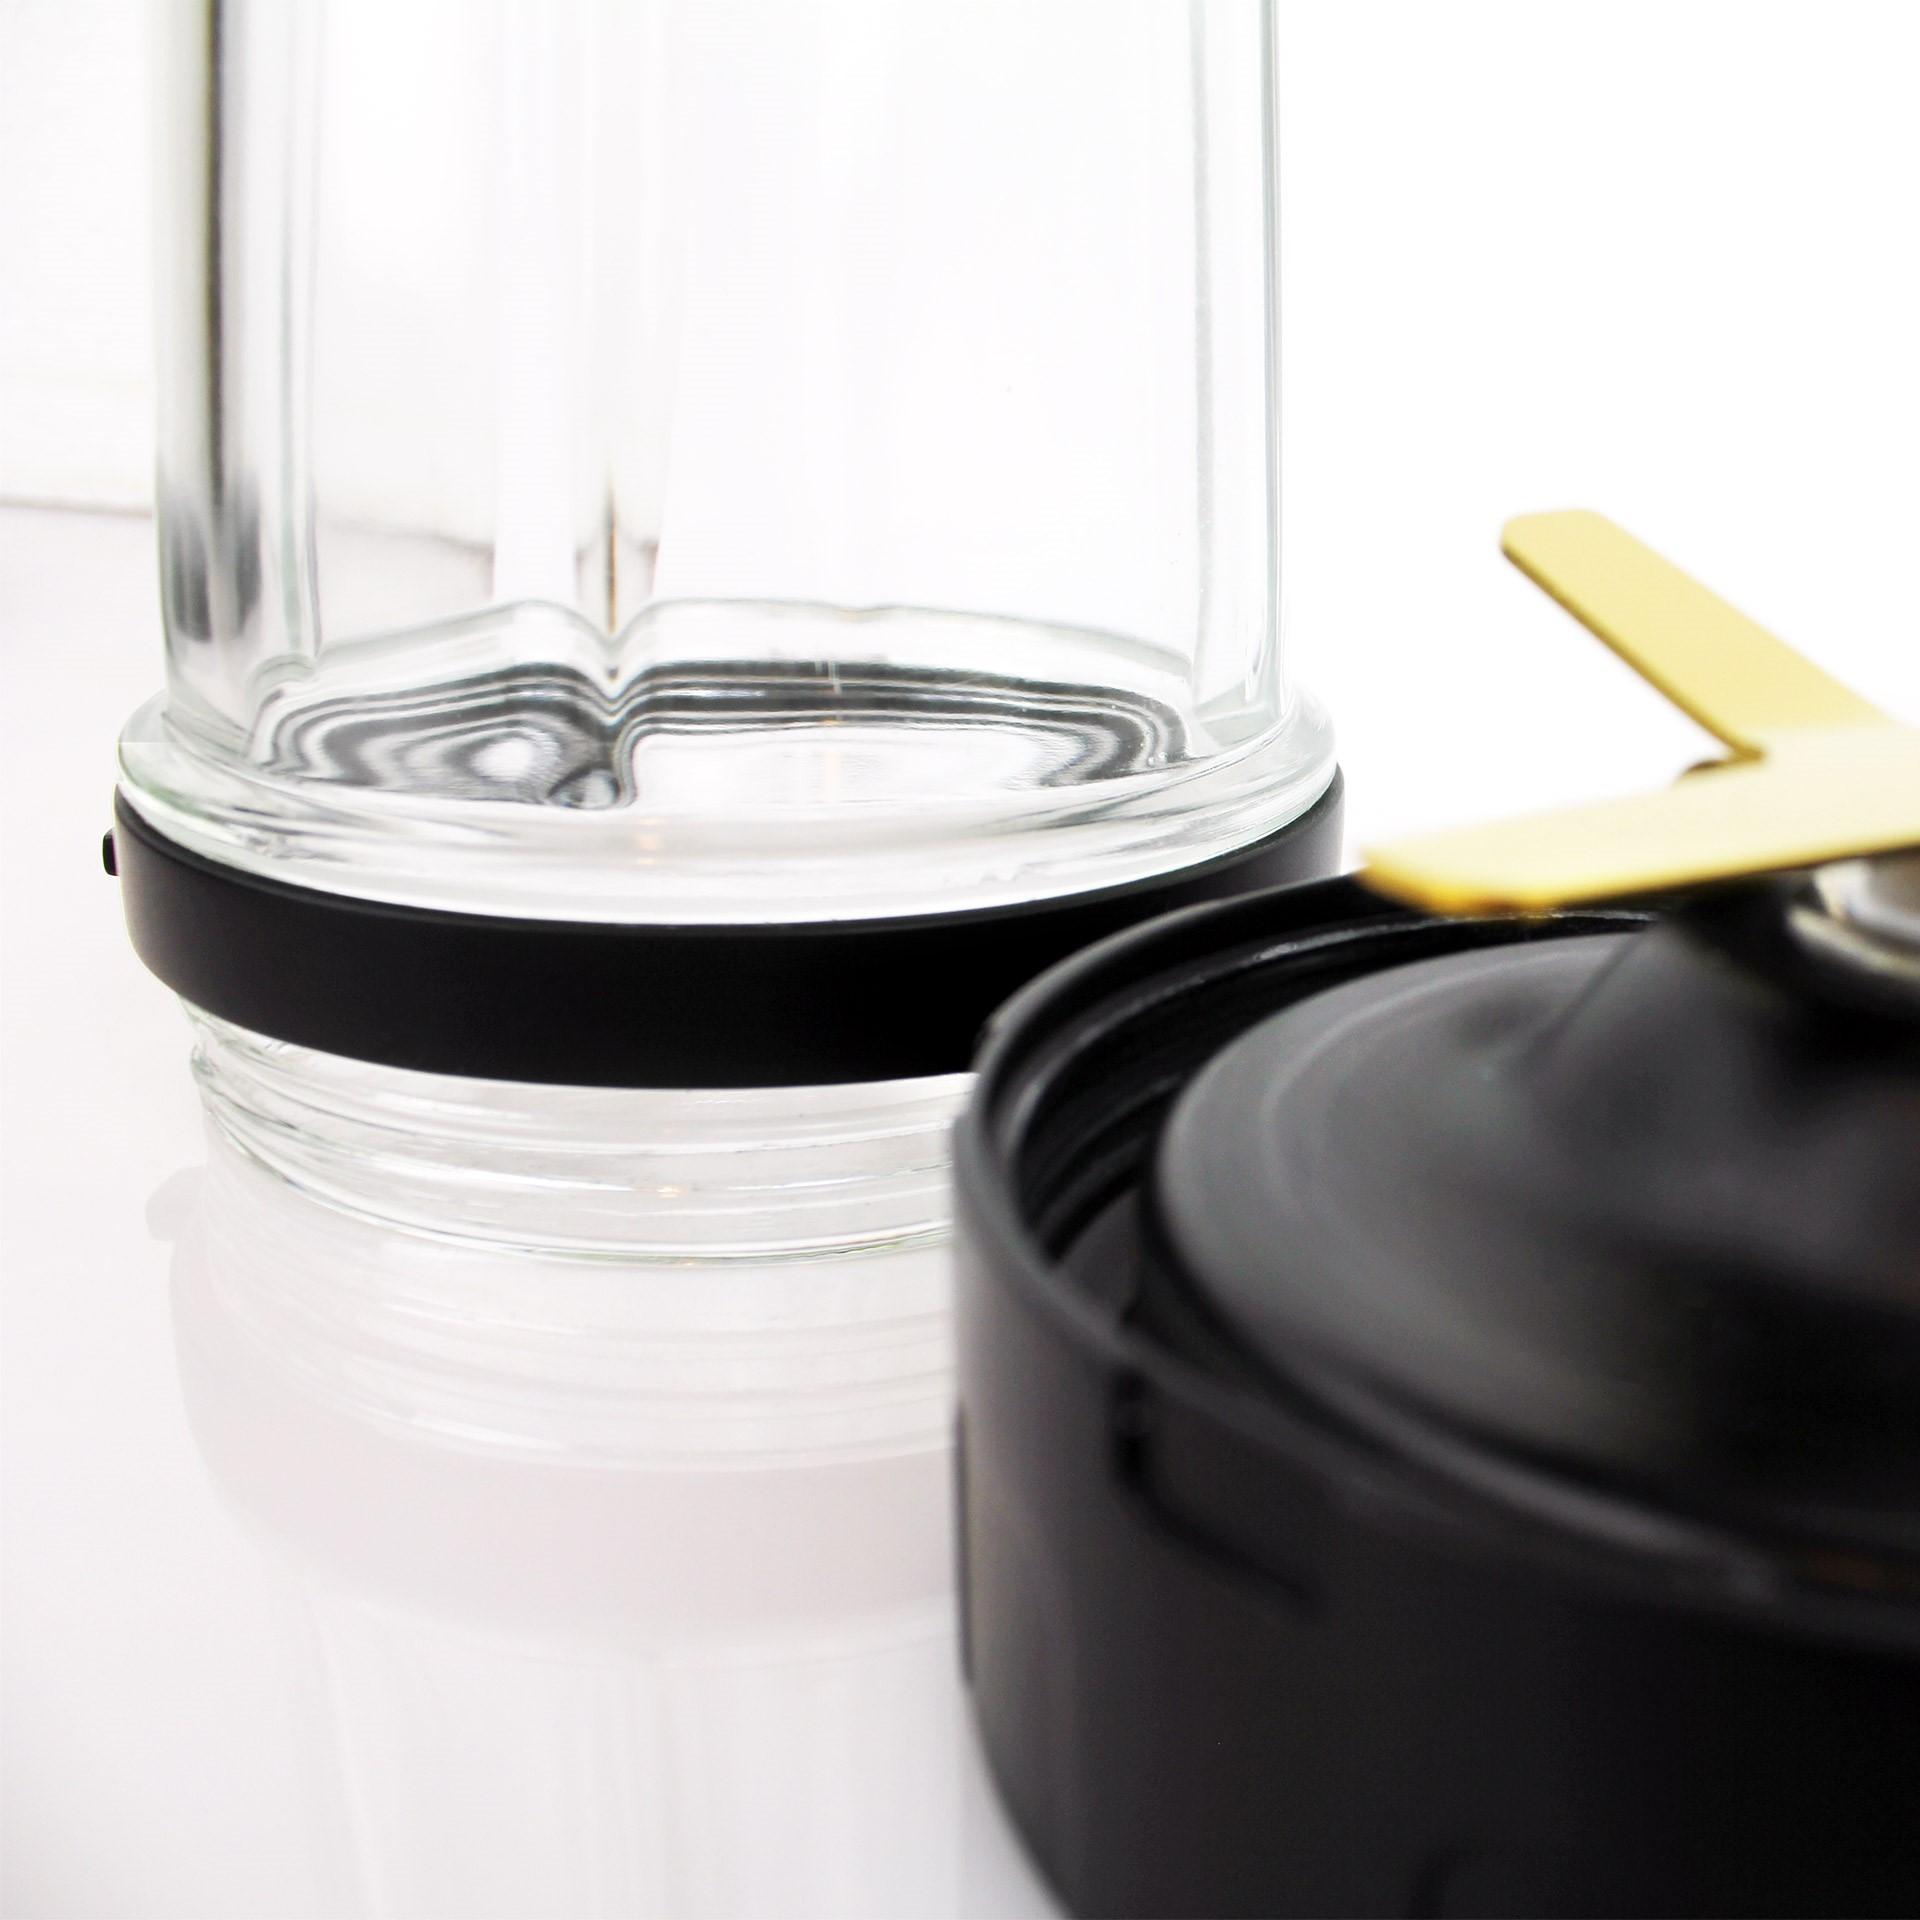 Mixwerk aus Titan für Foodmatic Mixer als Zubehör oder Ersatzteil